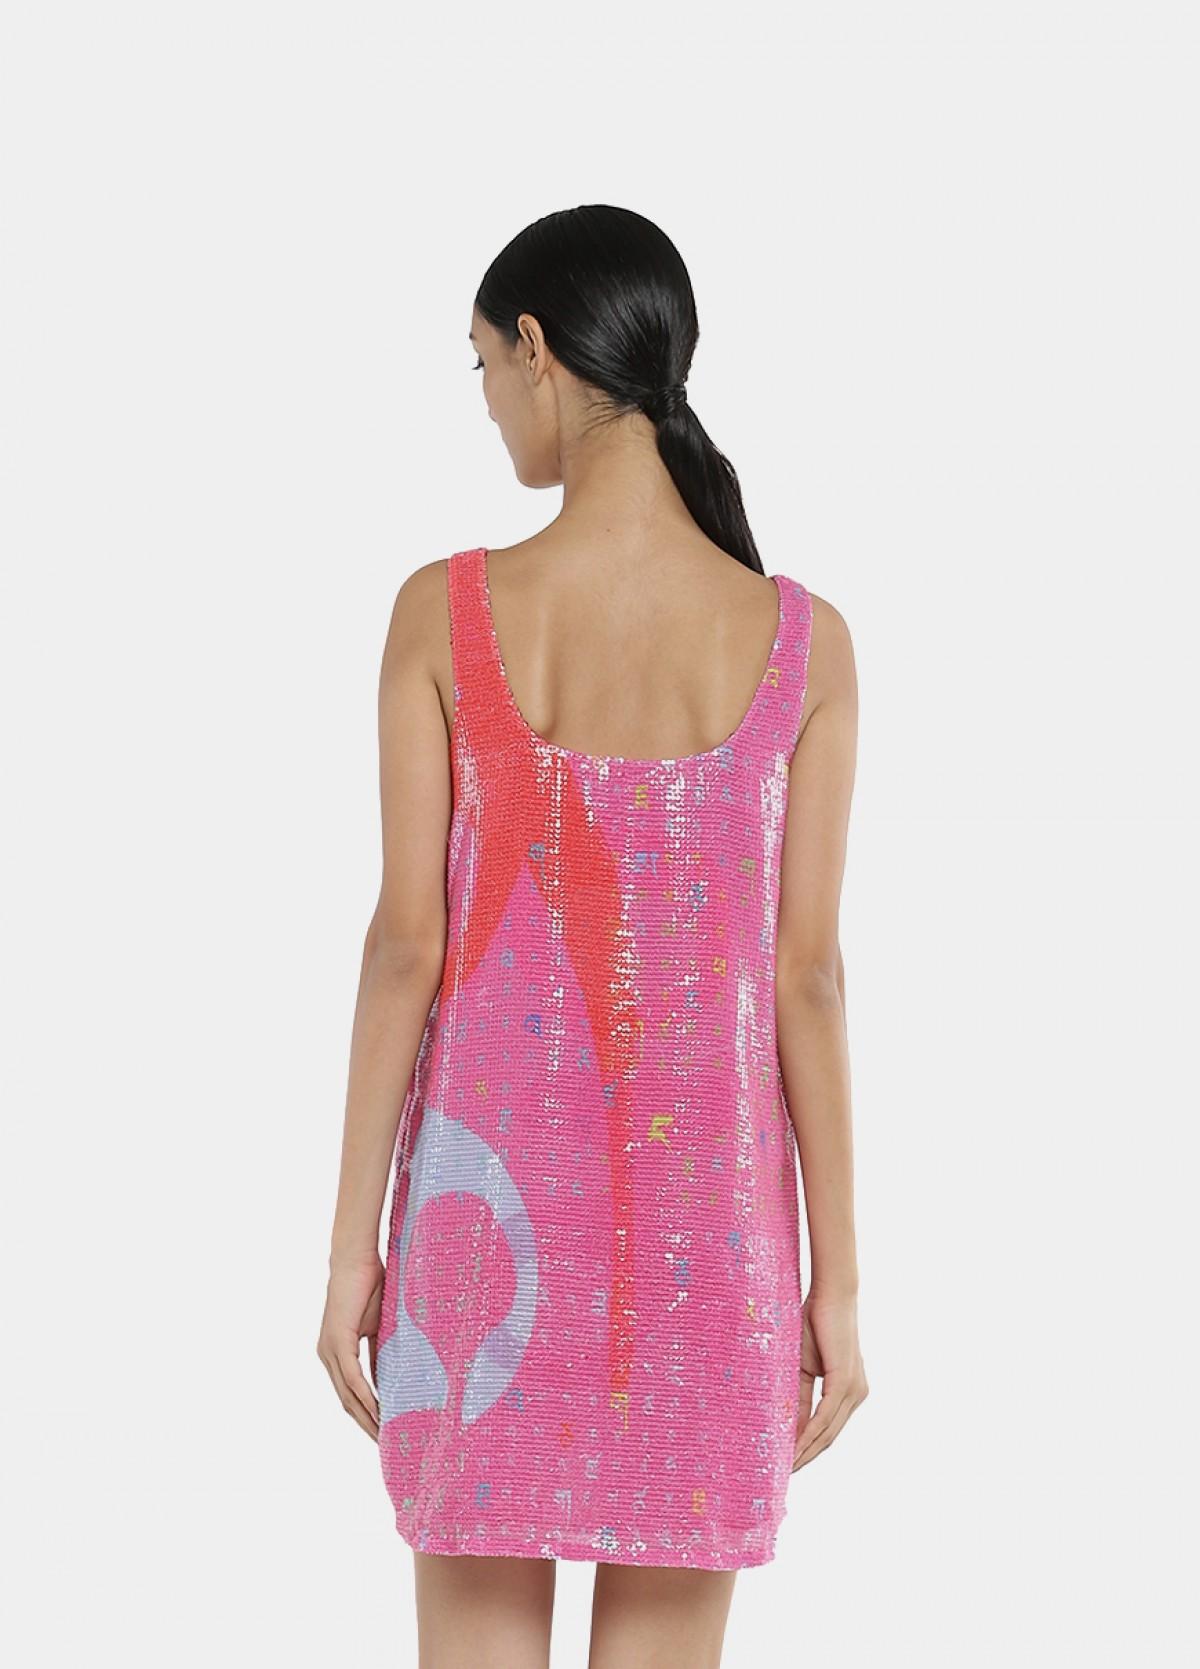 The Pop Tart Dress